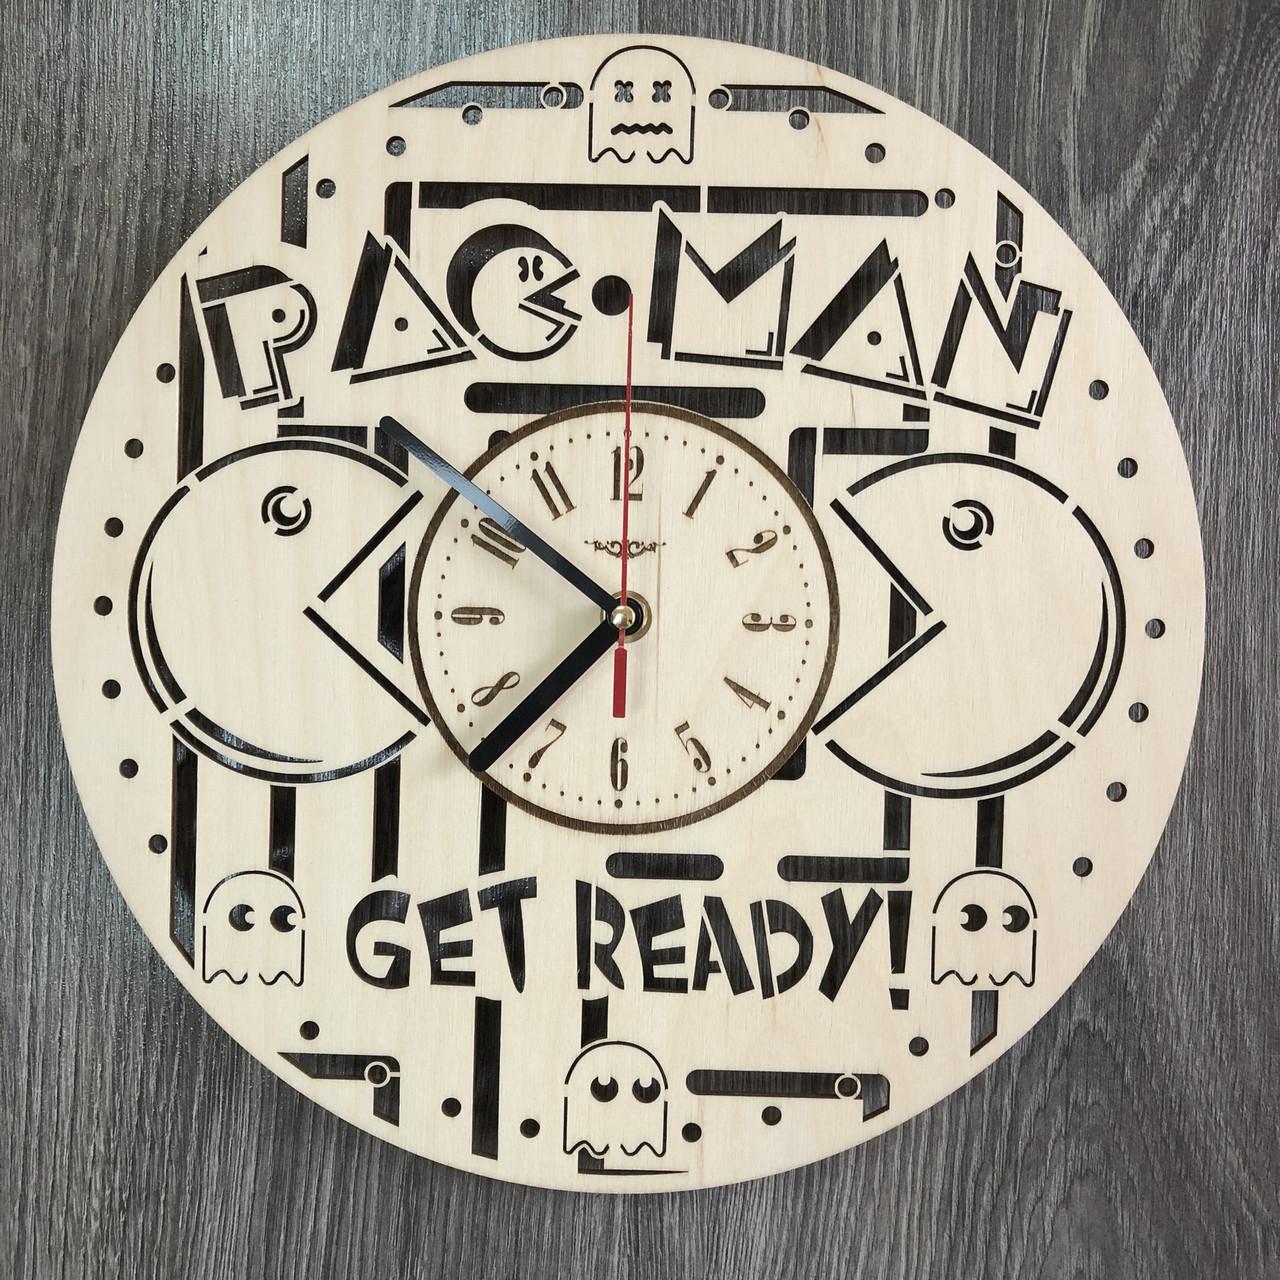 Оригинальные концептуальные настенные часы «Pac Man»